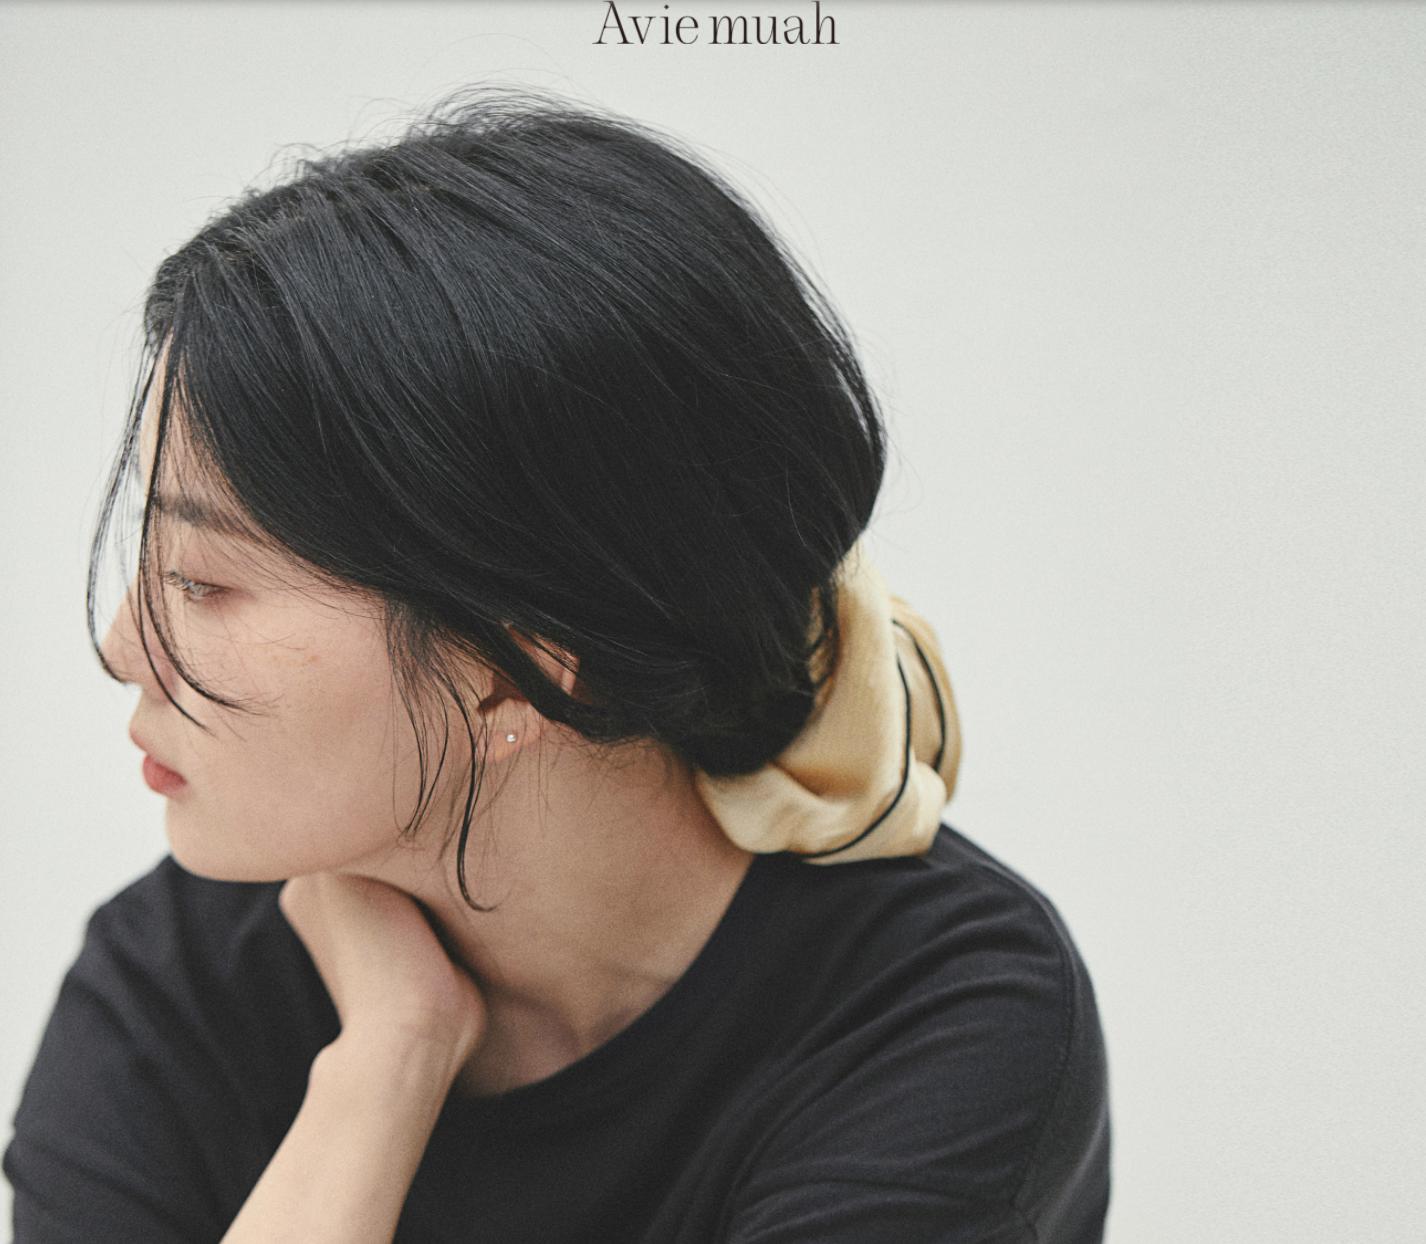 Thành viên nhóm Davichi mở thương hiệu riêng, bị chỉ trích vì đồ quá đắt: Chun buộc tóc vải giá sương sương 1,1 triệu - Ảnh 5.